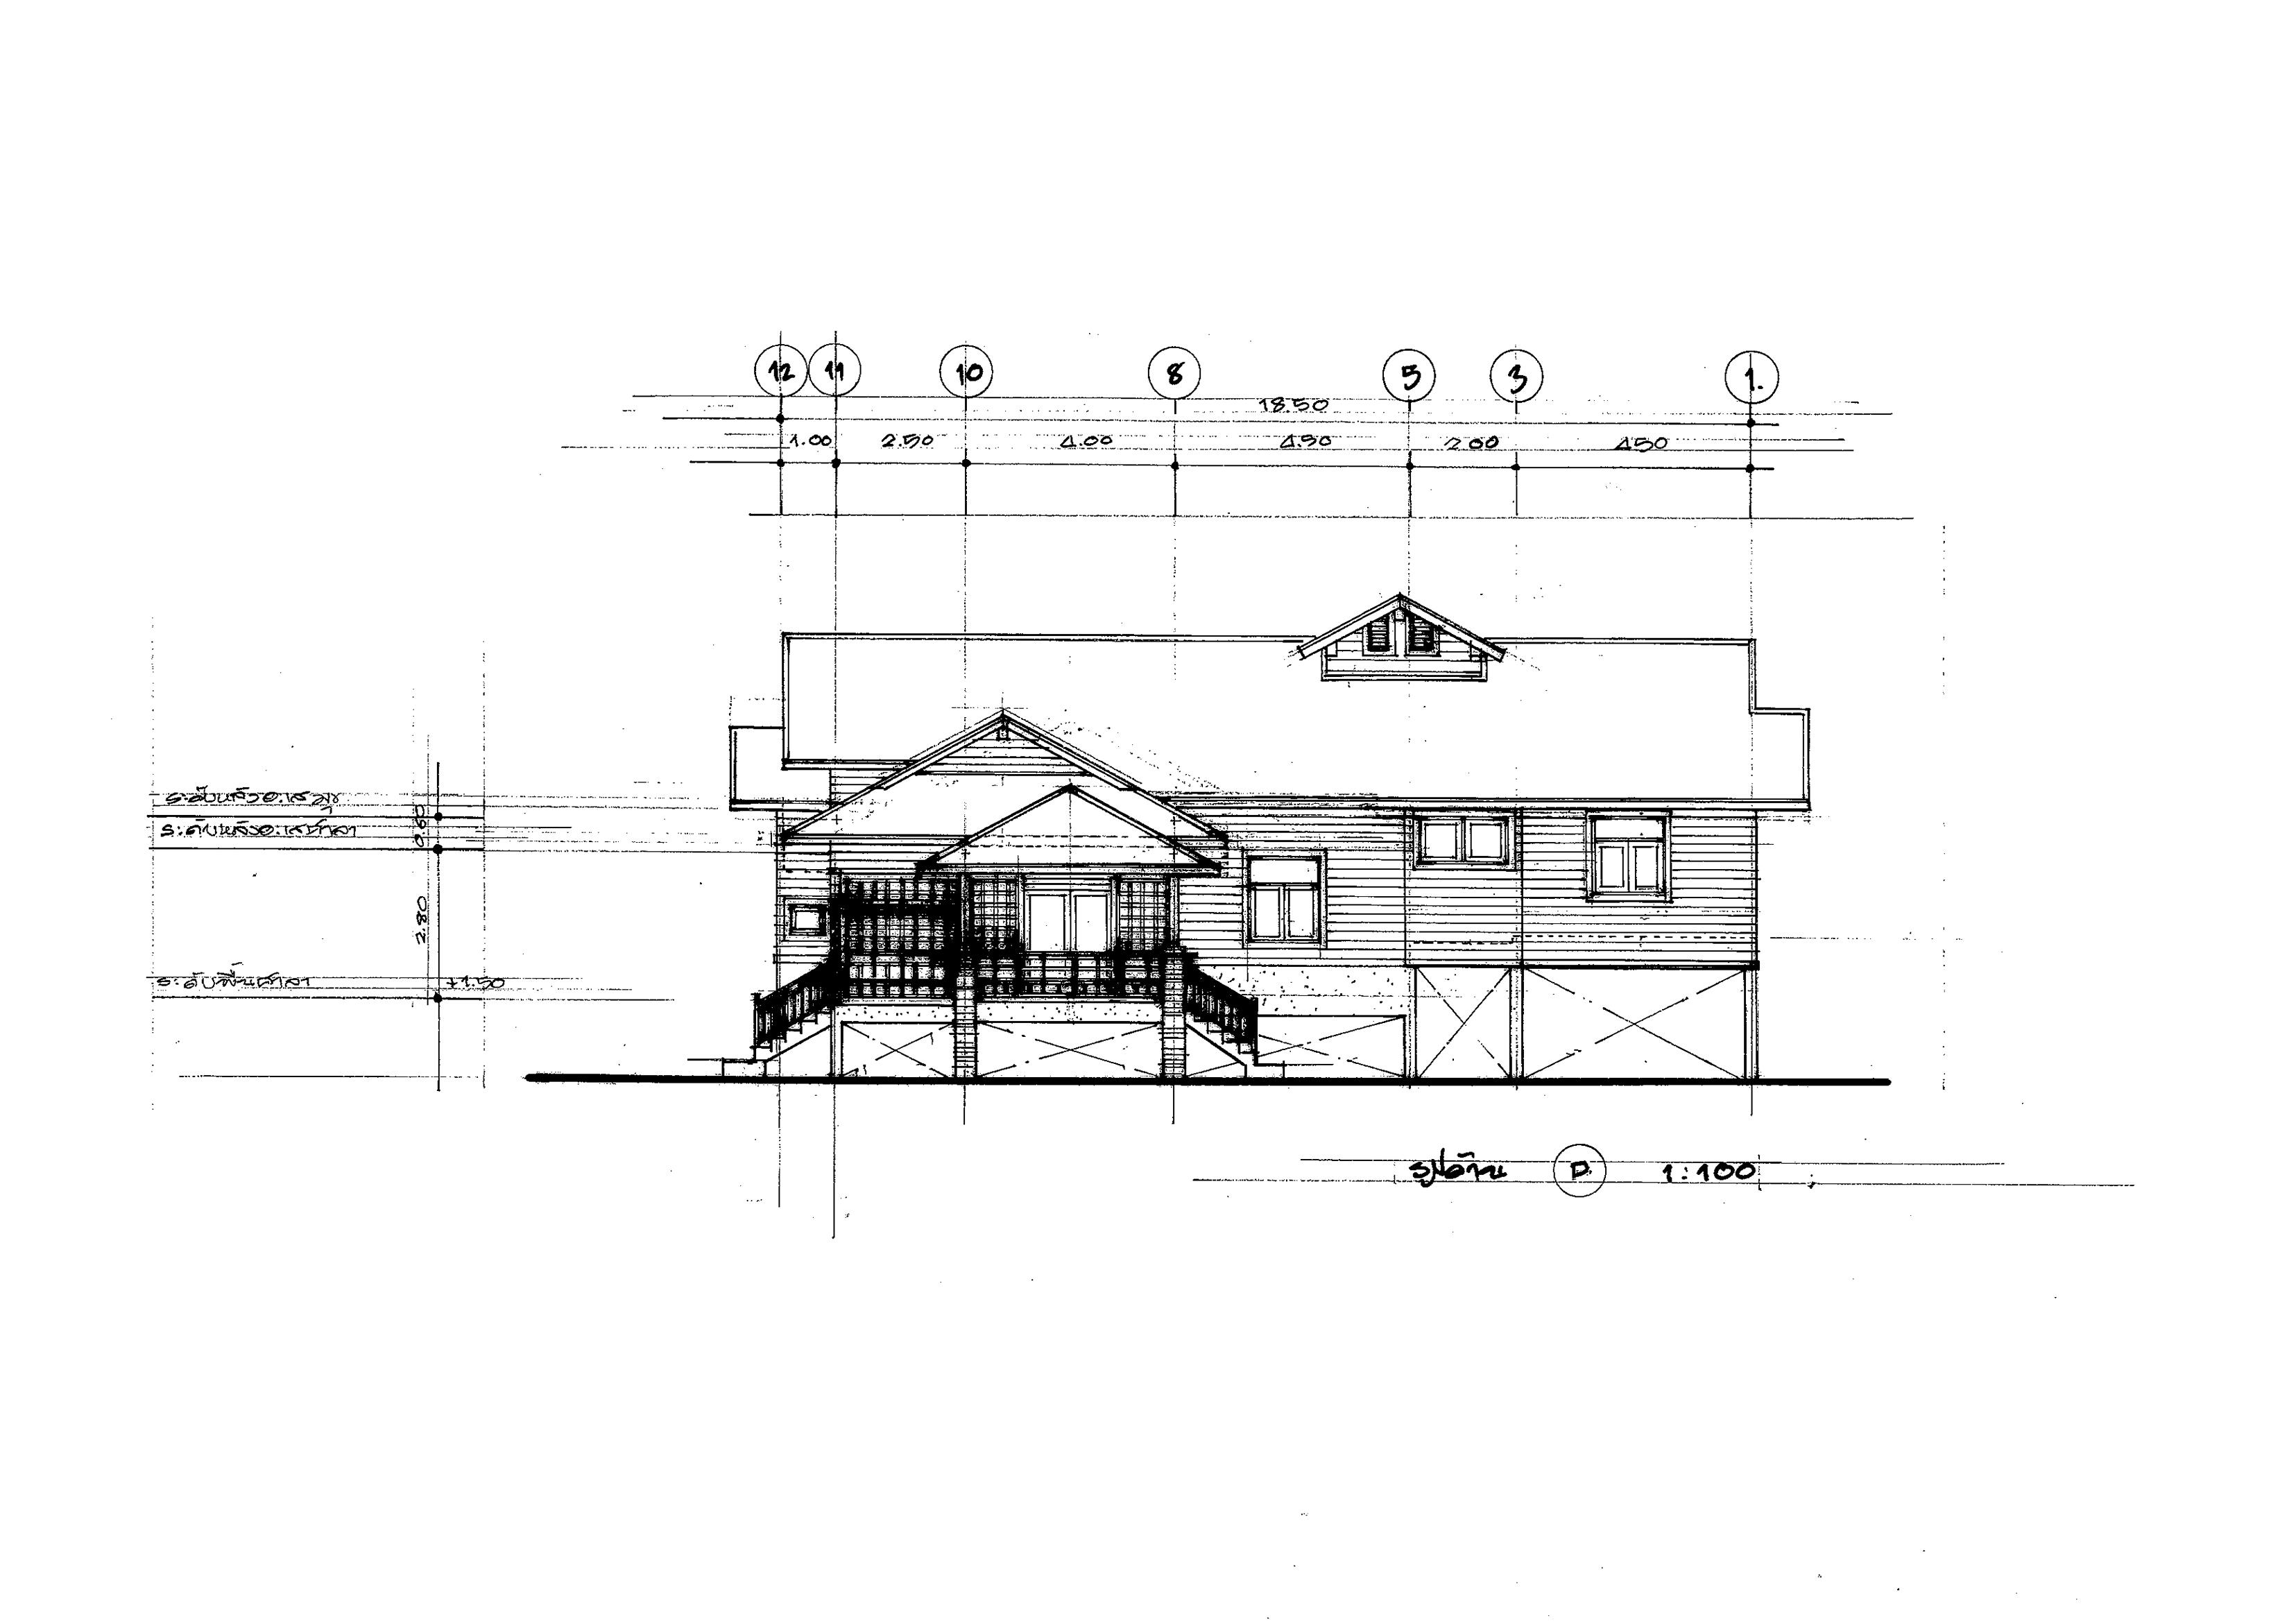 Bonanzabuilt-Portfolio-design6-6